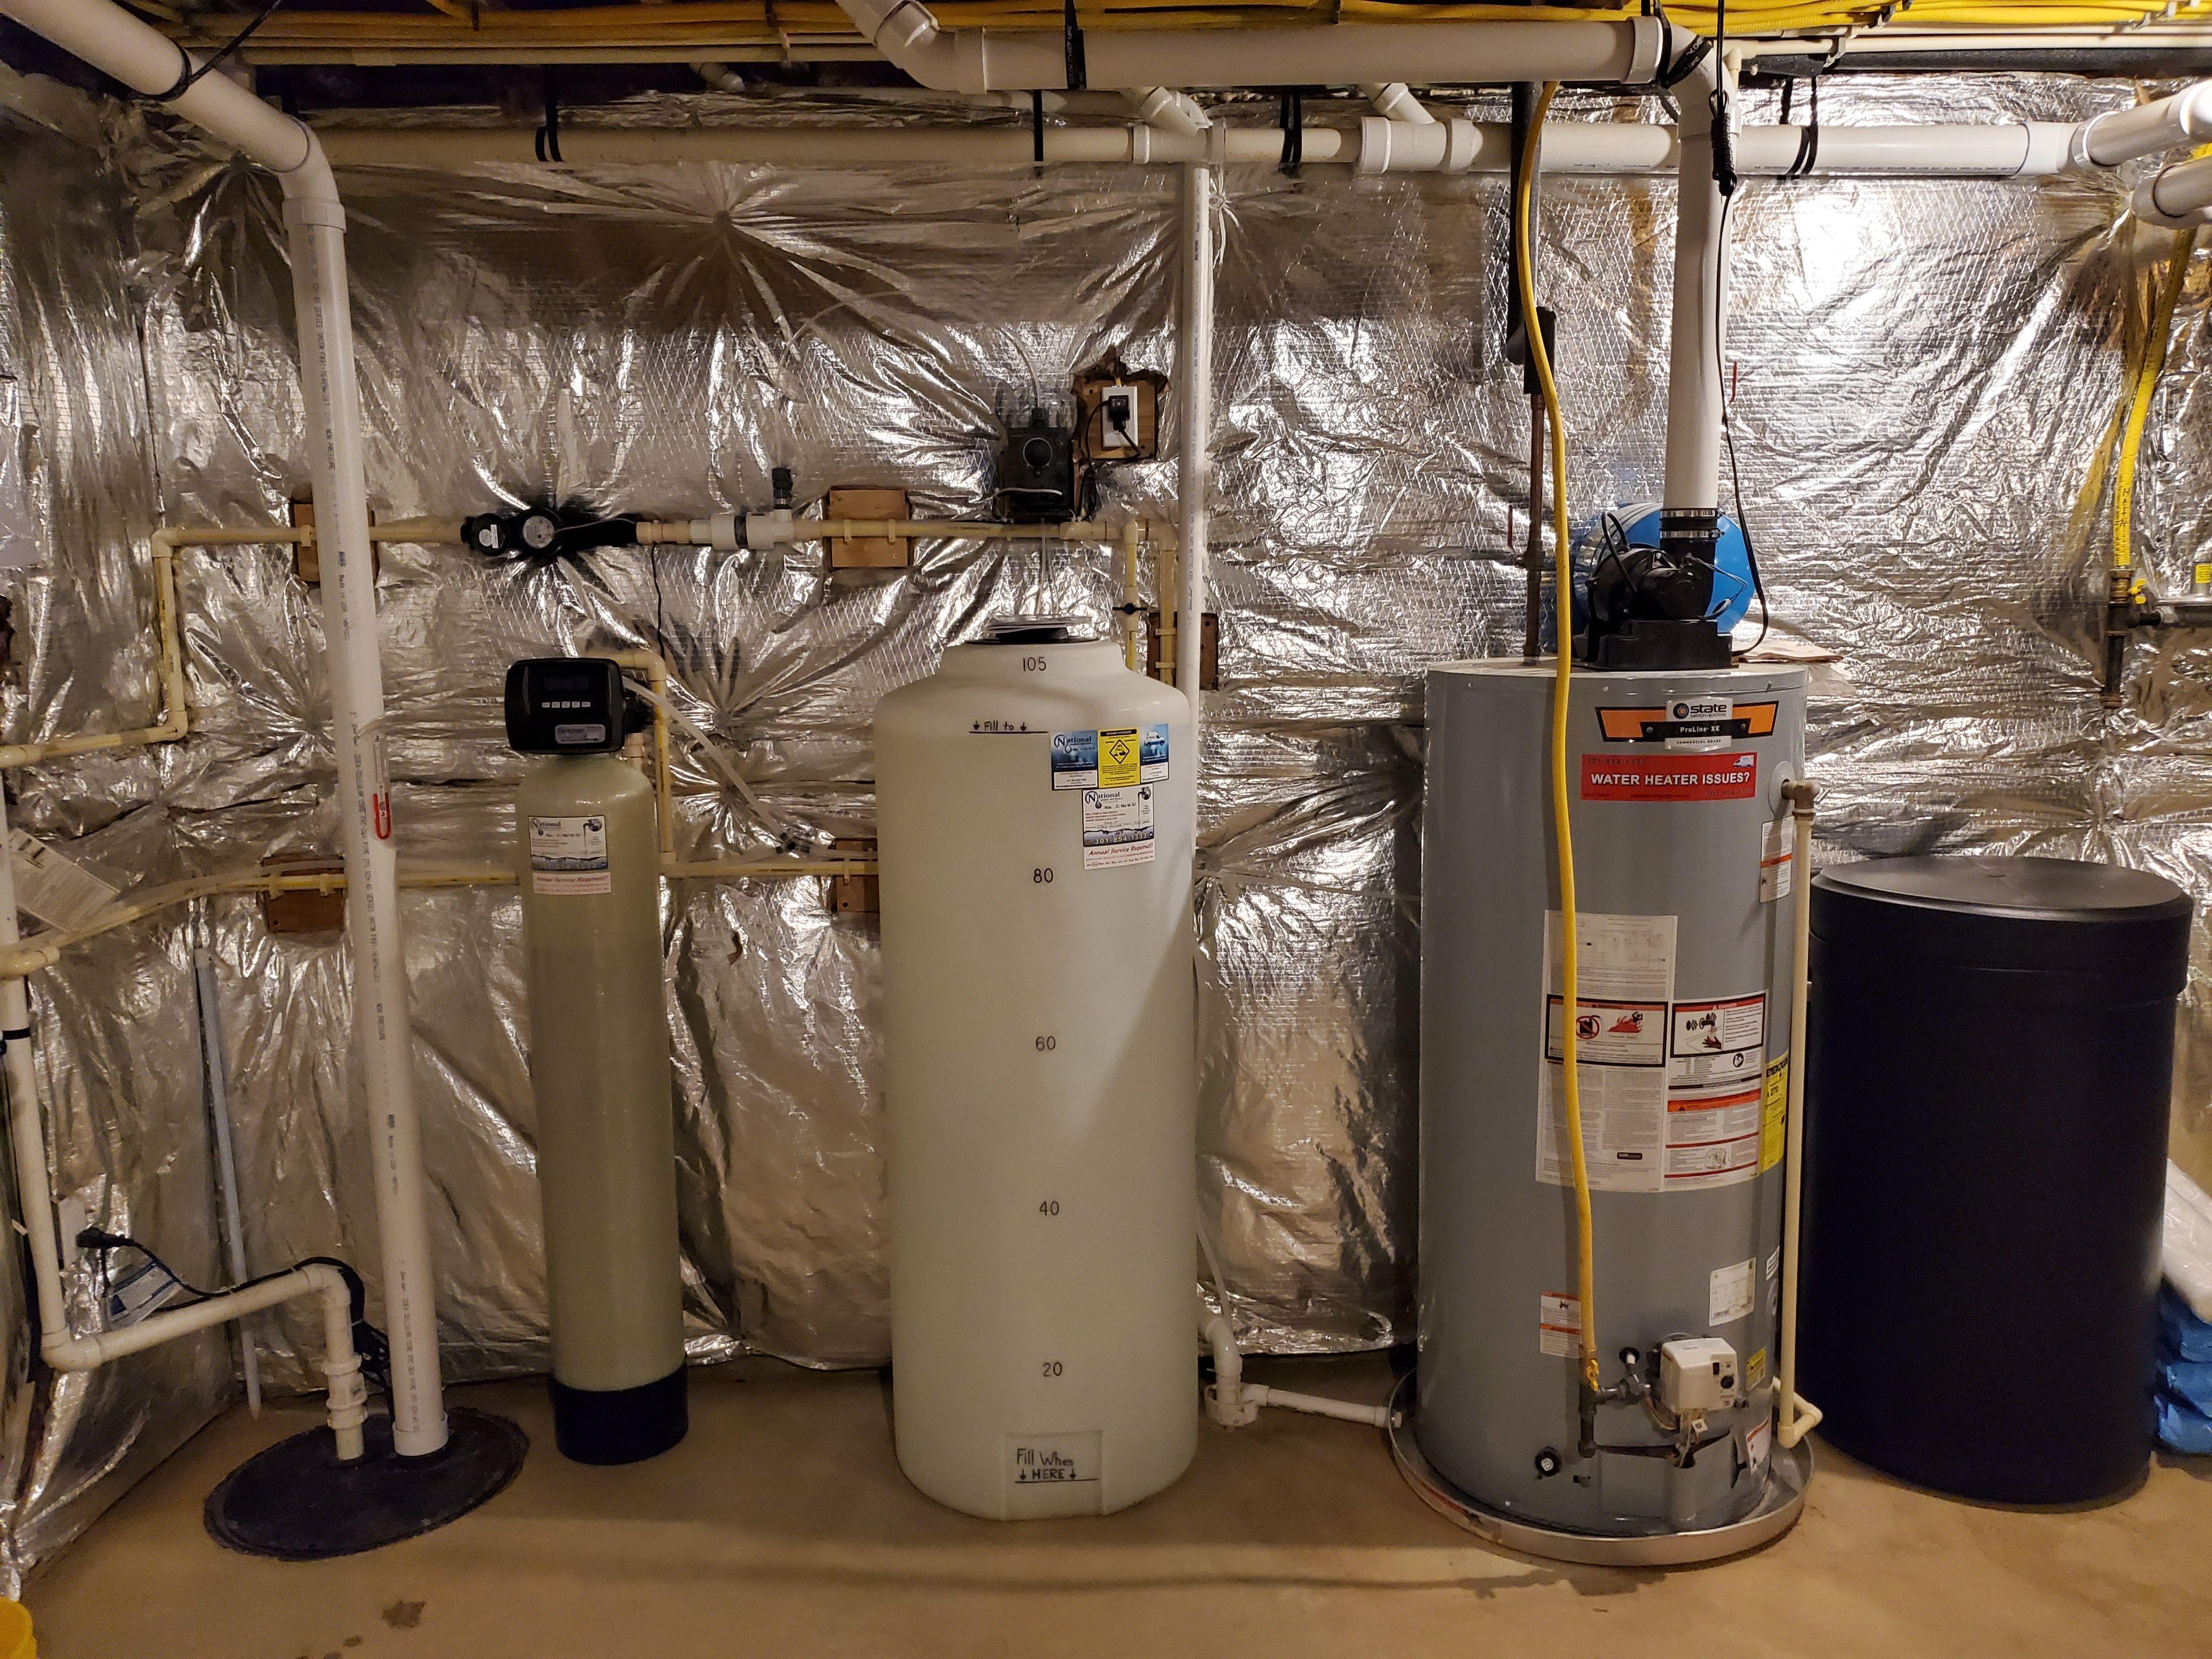 Solution Feeder Water Softener Installation In 2020 Water Treatment Water Softener Water Quality